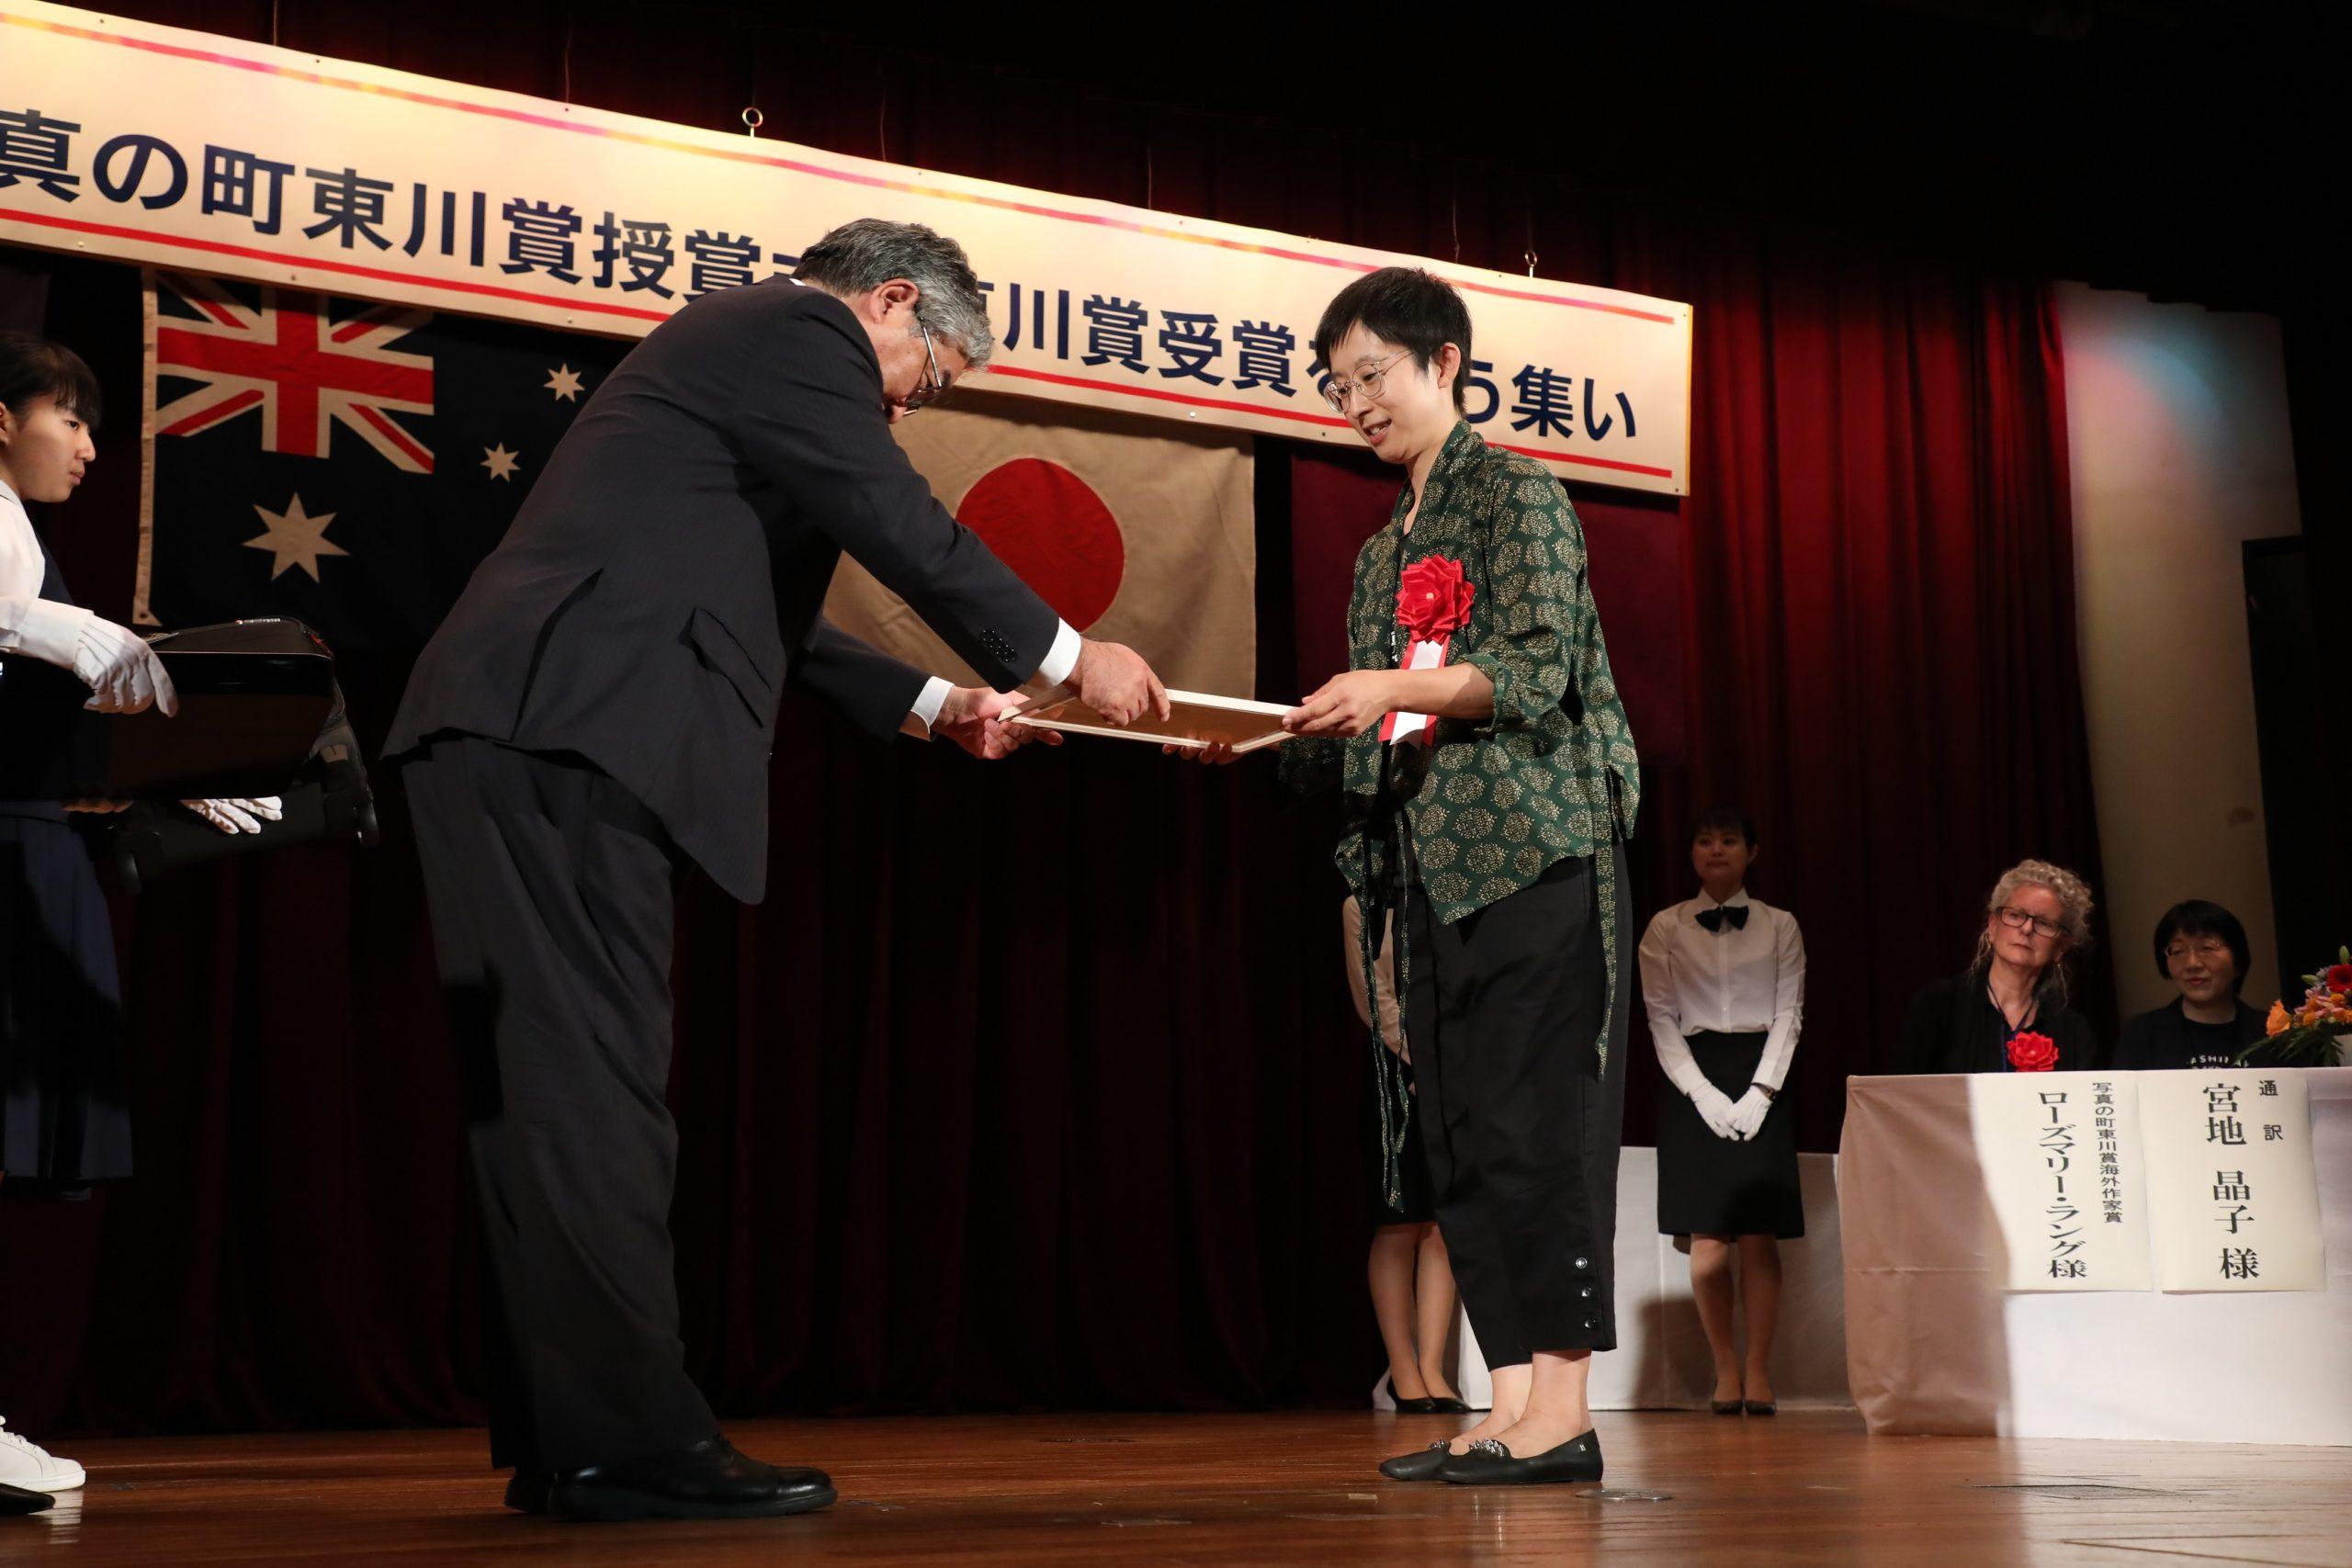 第36回写真の町東川賞授賞式